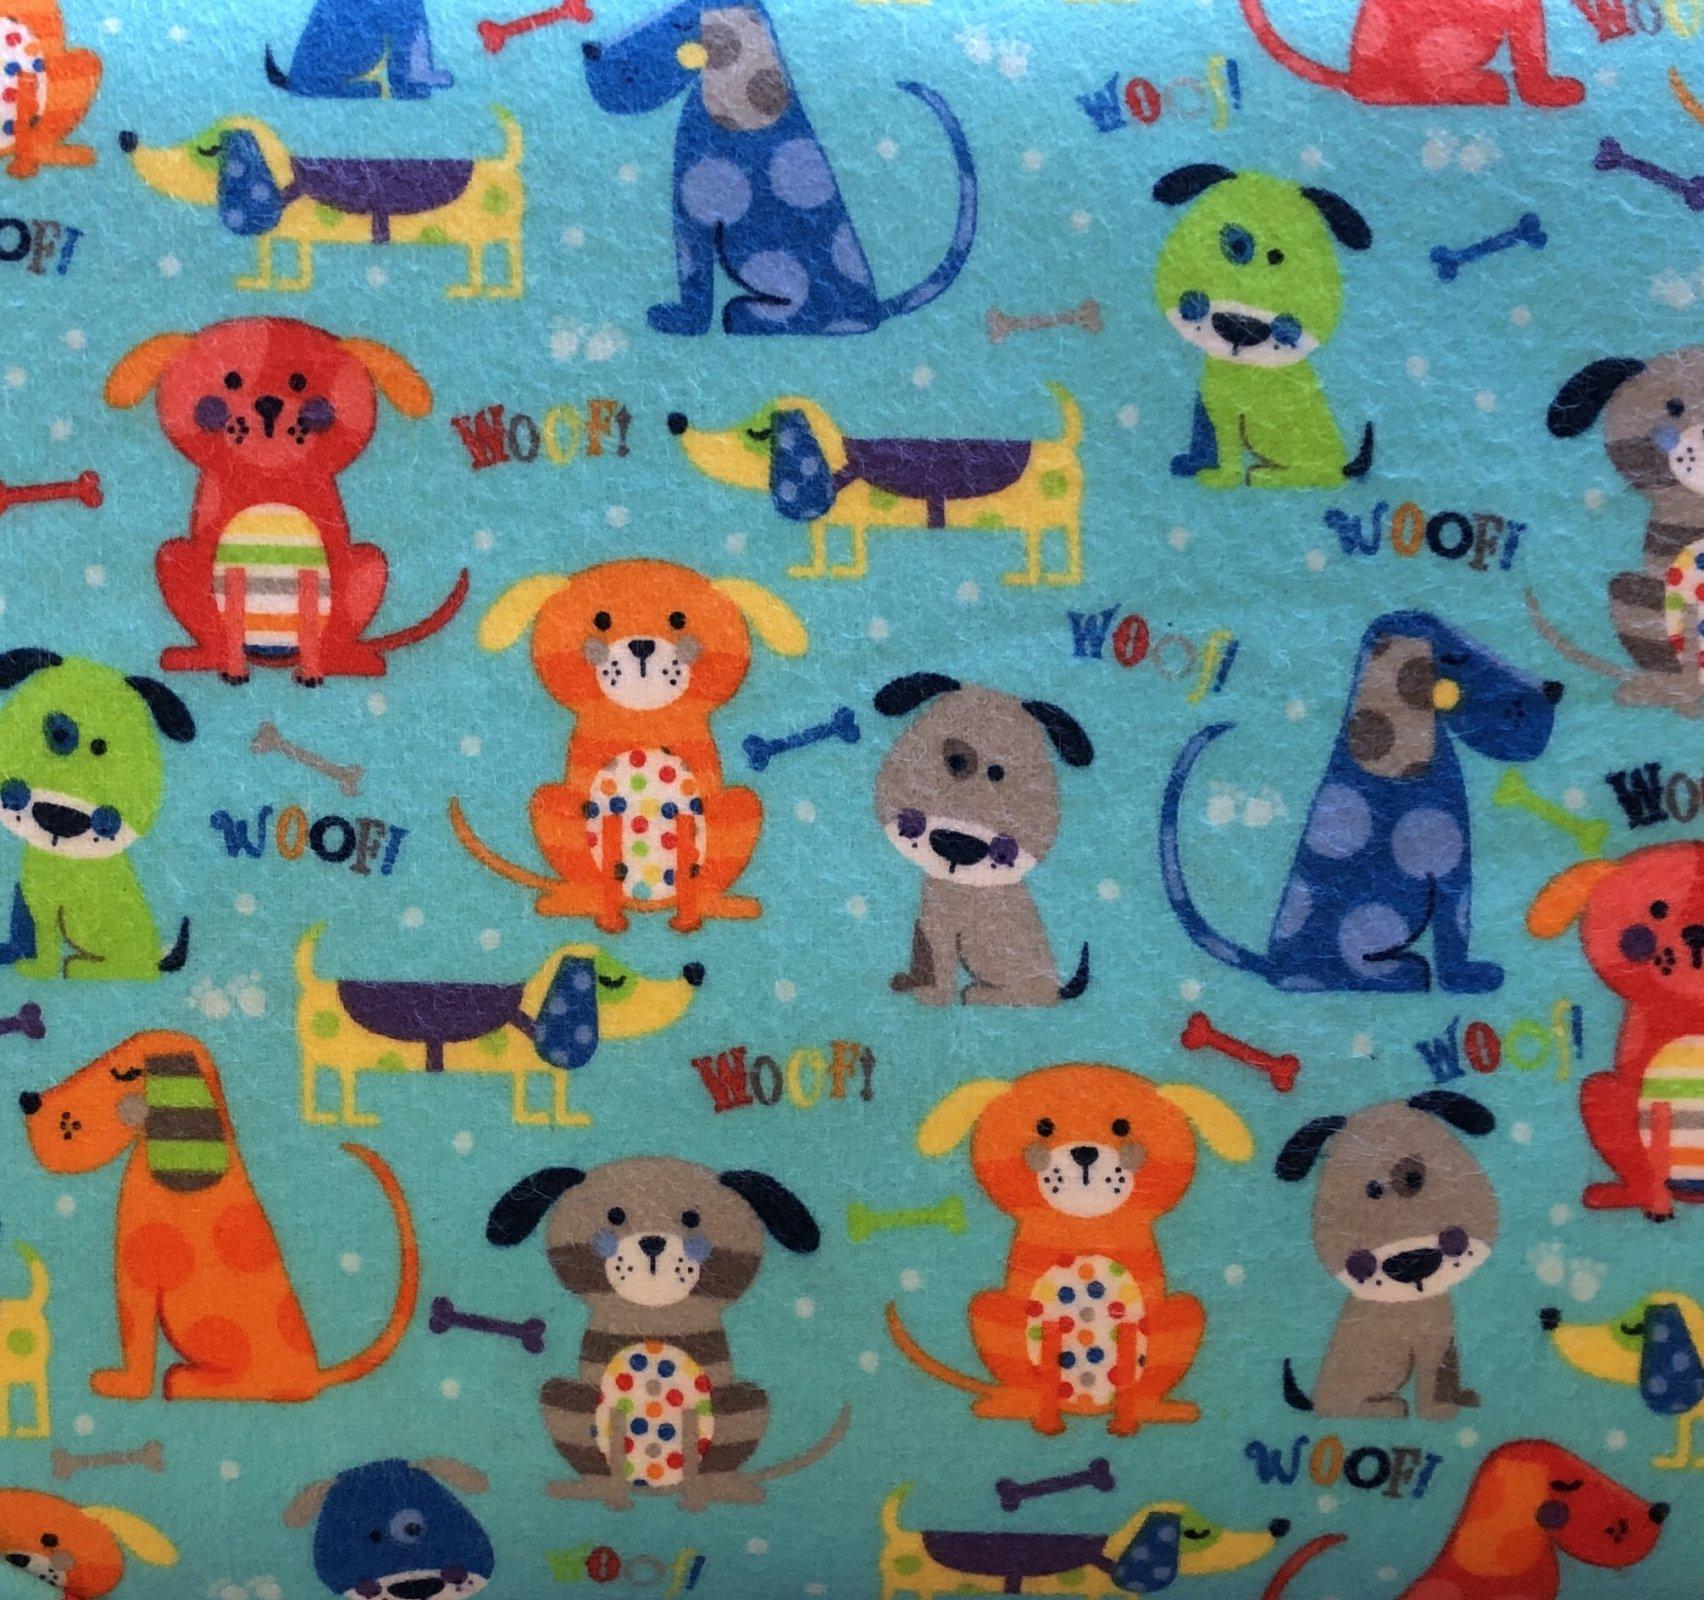 Aqua Woof Flannel